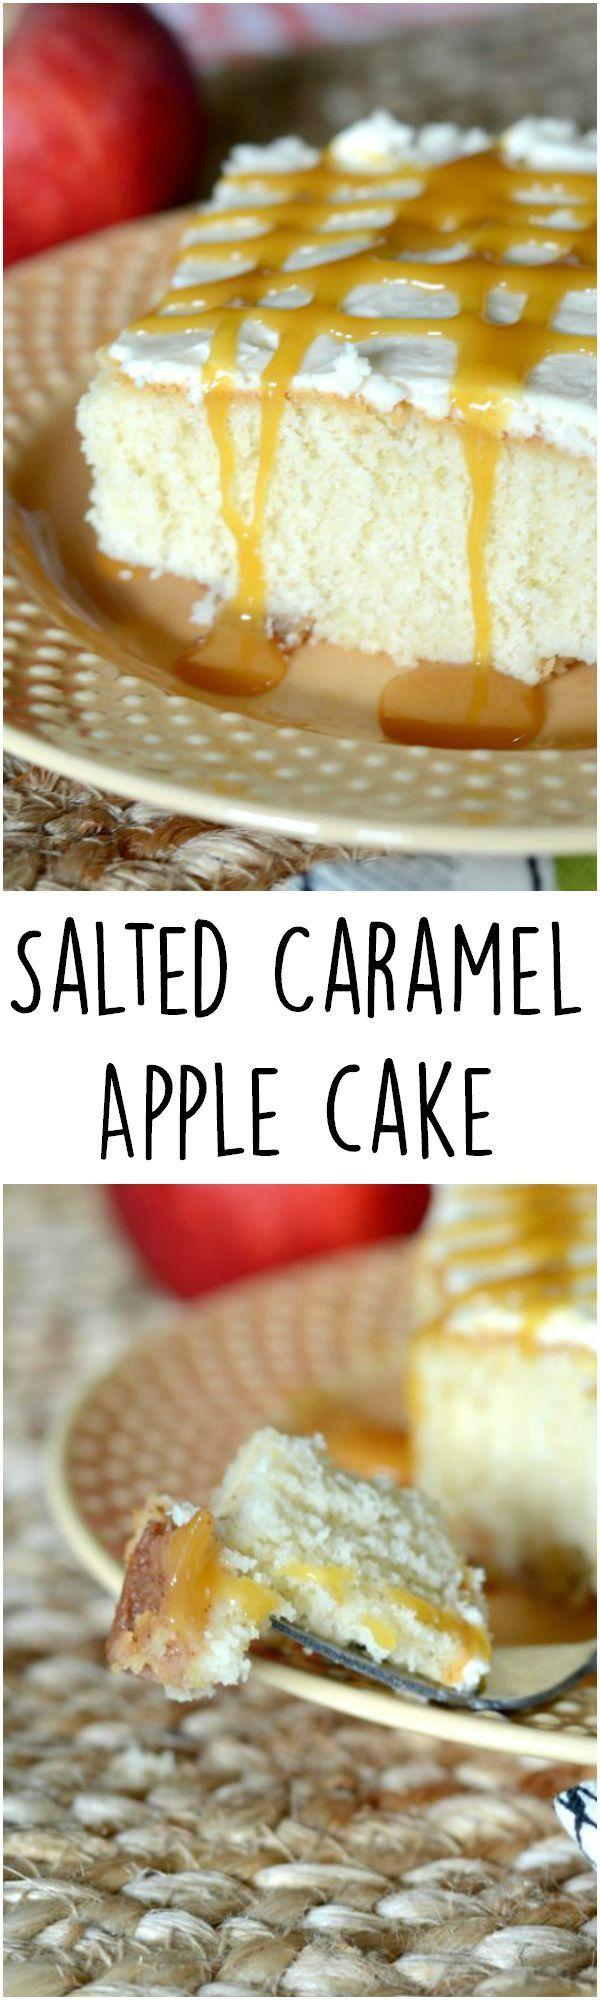 Salted caramel cake!